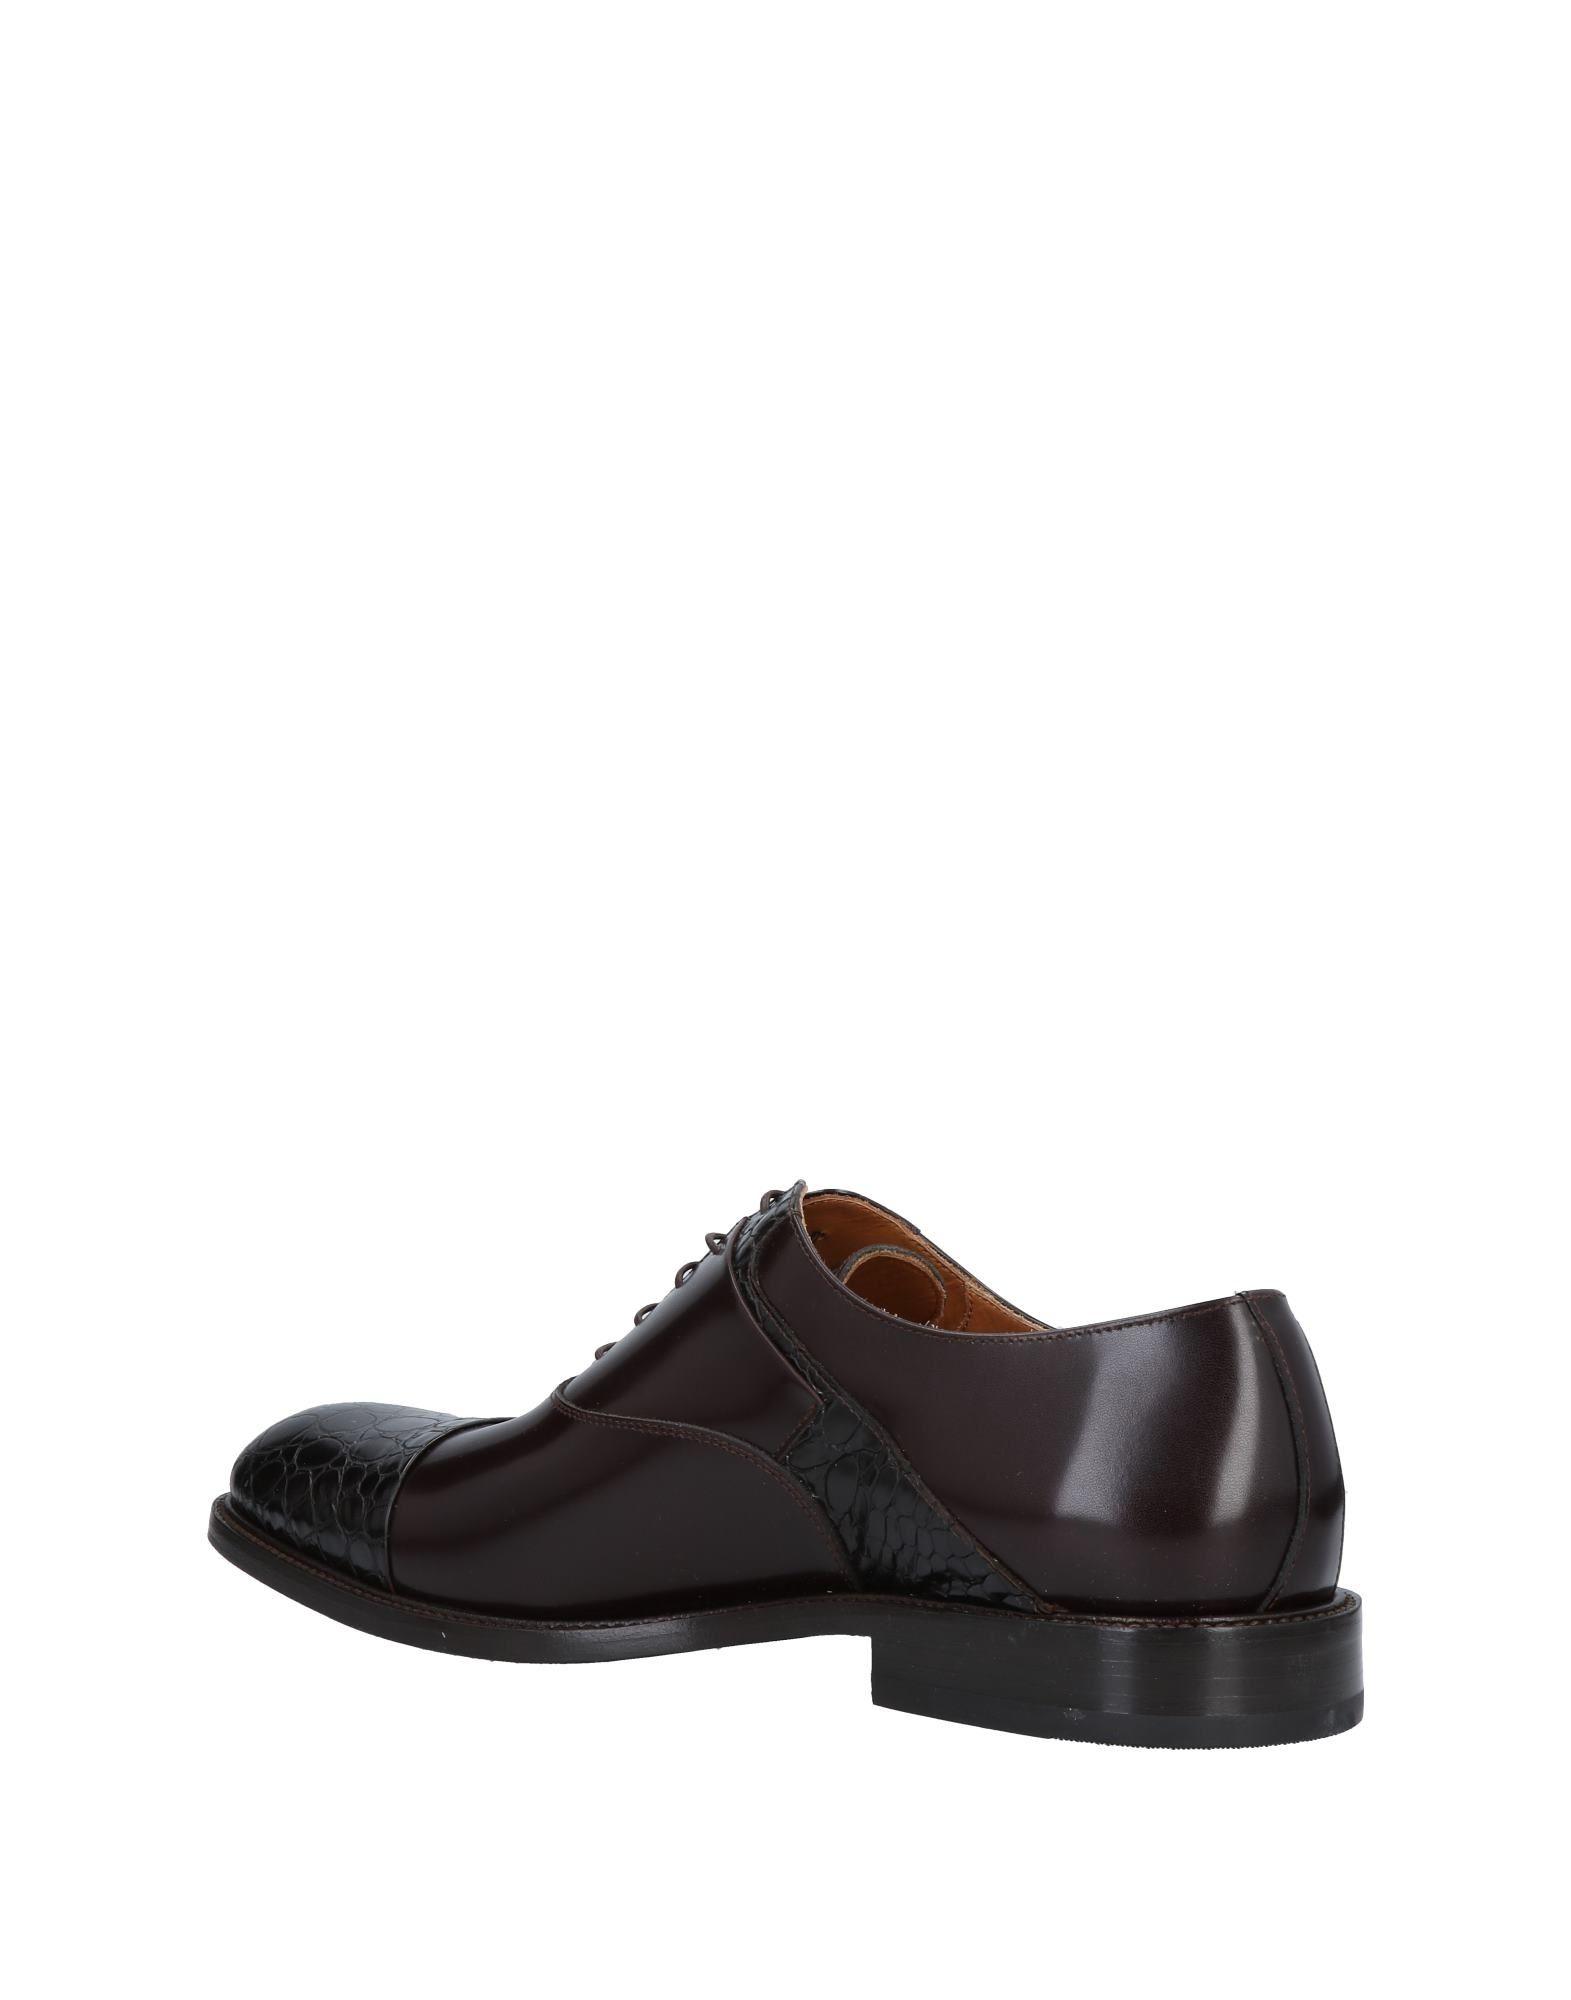 Giovanni Conti Schnürschuhe Herren  11471474JM Gute Qualität beliebte Schuhe